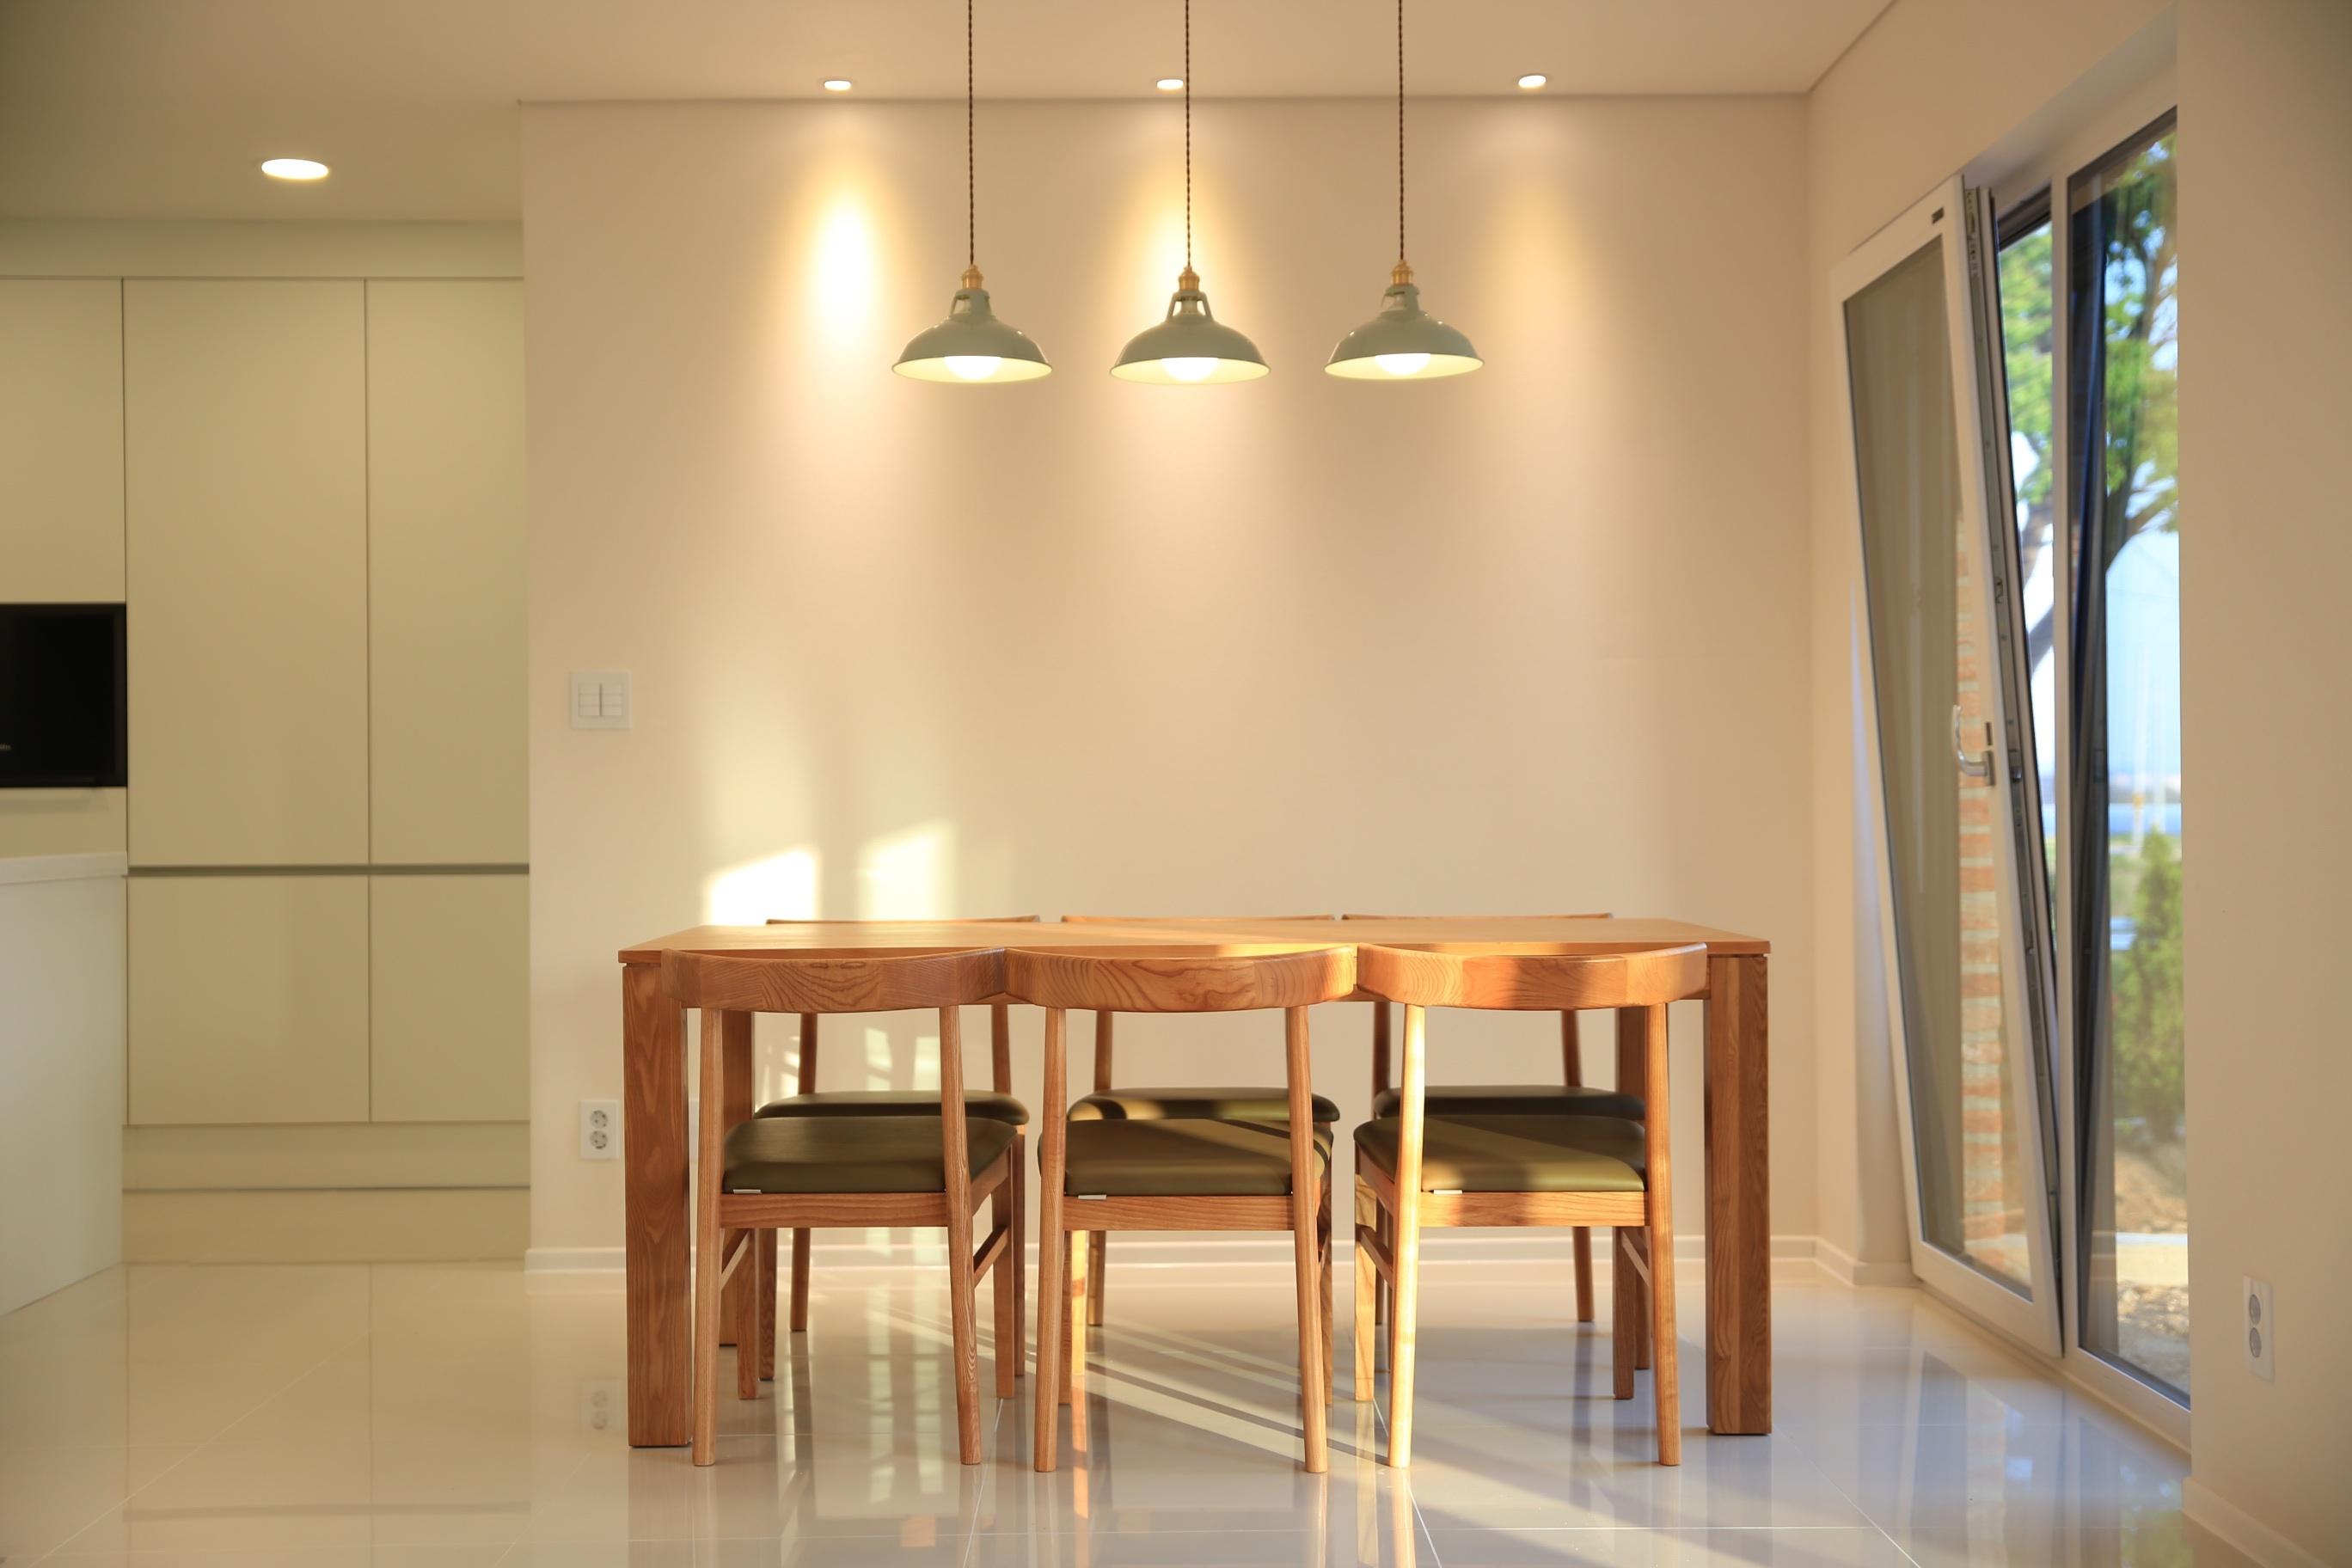 Gratis Afbeeldingen : hout, verdieping, huis-, plafond, eigendom ...